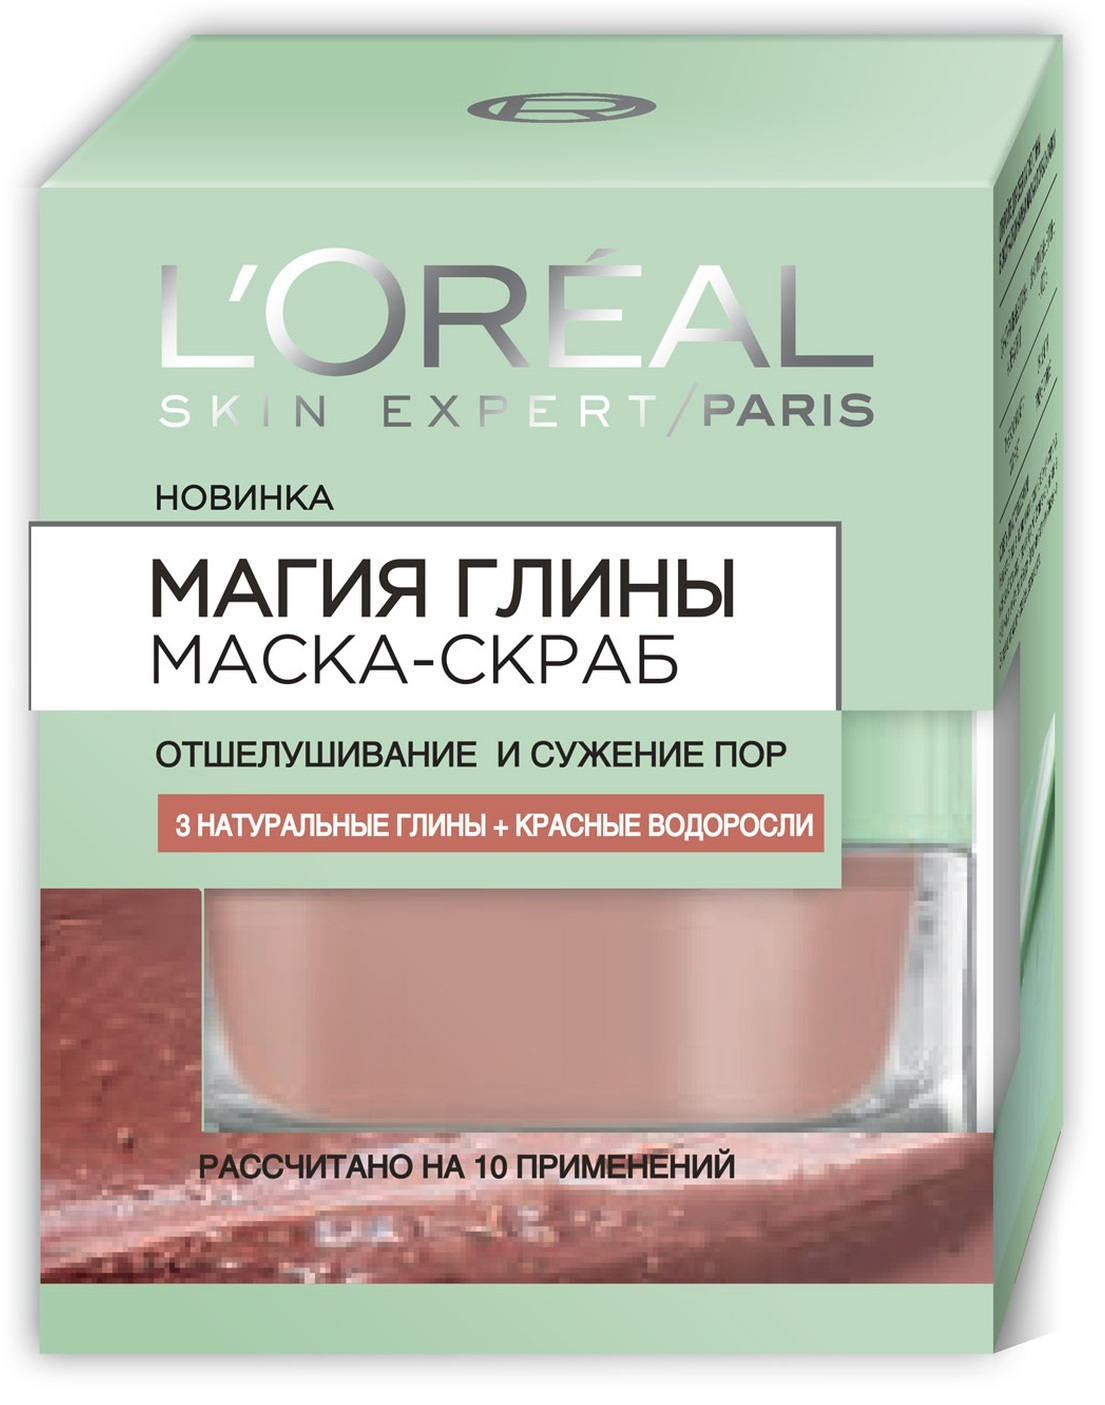 LOreal Paris Маска-скраб для лица Магия Глины отшелушивание и сужение пор, для всех типов кожи, 50 млA8905900Маска-скраб для лица «Магия Глины» мягко отшелушивает, удаляет омертвевшие клетки с поверхности кожи и сужает поры. Его формула, обогащенная тремя натуральными глинами и экстрактом красных водорослей, обладает выраженными разглаживающими свойствами. Мелкие скрабирующие частички обеспечивают бережное отшелушивание омертвевших клеток кожи и осветление черных точек.1. Каолин - глина, насыщенная силикатами,эффективно поглощает загрязнения и борется с жирным блеском.2. Гассул-глина, богатая микроэлементами, возвращает свежий и здоровый цвет лица. 3. Монтмориллонит- глина, в состав которой входят полезные минералы, целенаправленно борется с несовершенствами кожи.